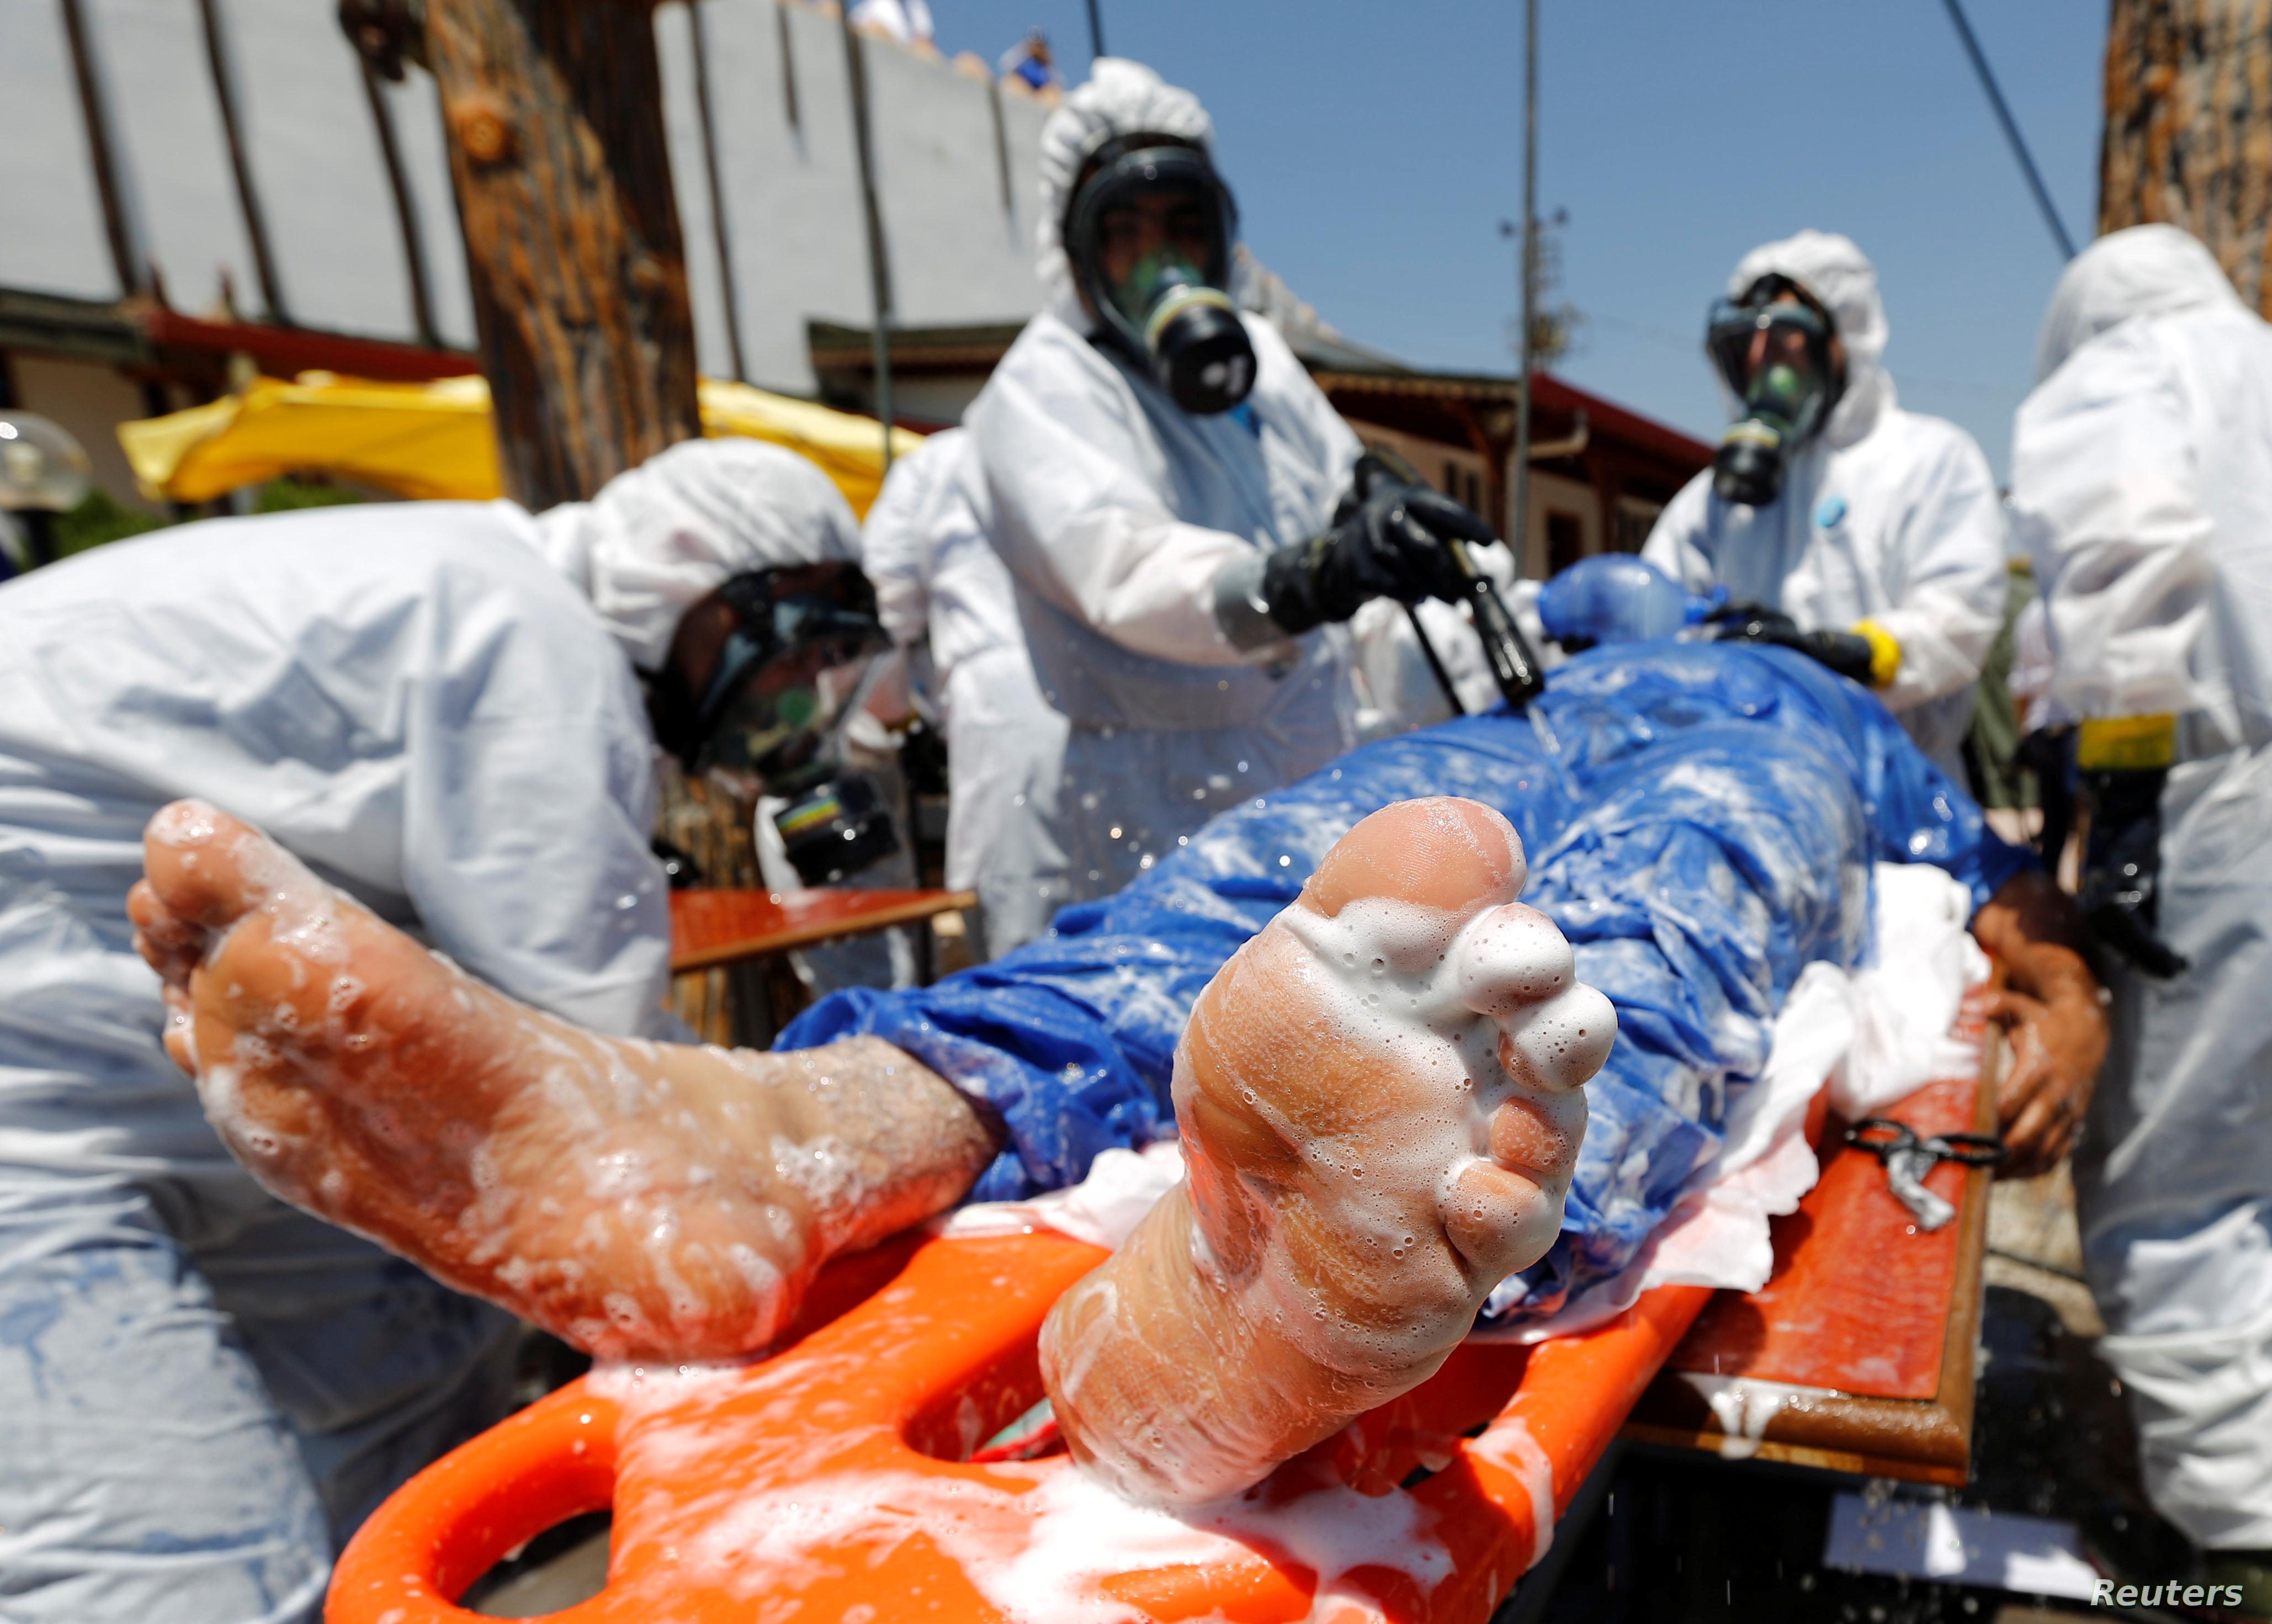 الولايات المتحدة تُبدي استعدادها لمحاسبة النّظام السوري على جرائمه الكيماويّة